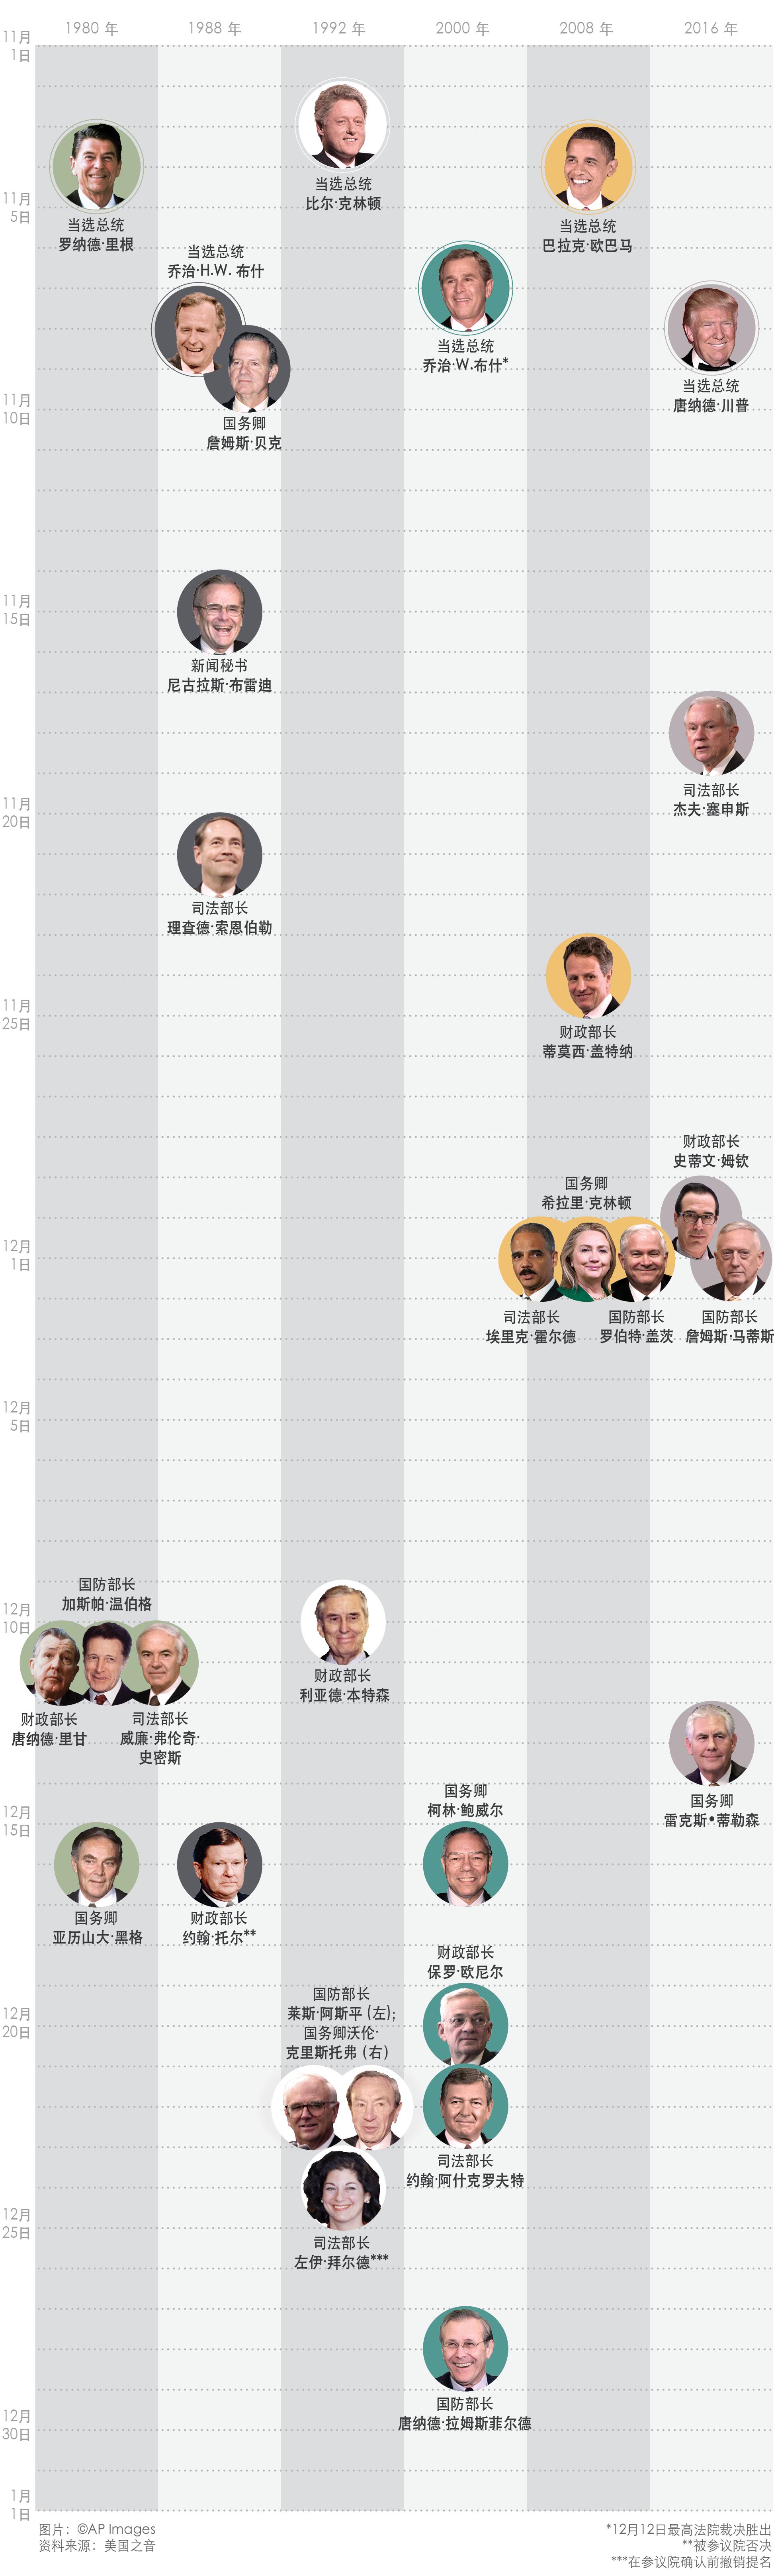 提名重要内阁级官员的时间表(State Dept./J. Maruszewski)